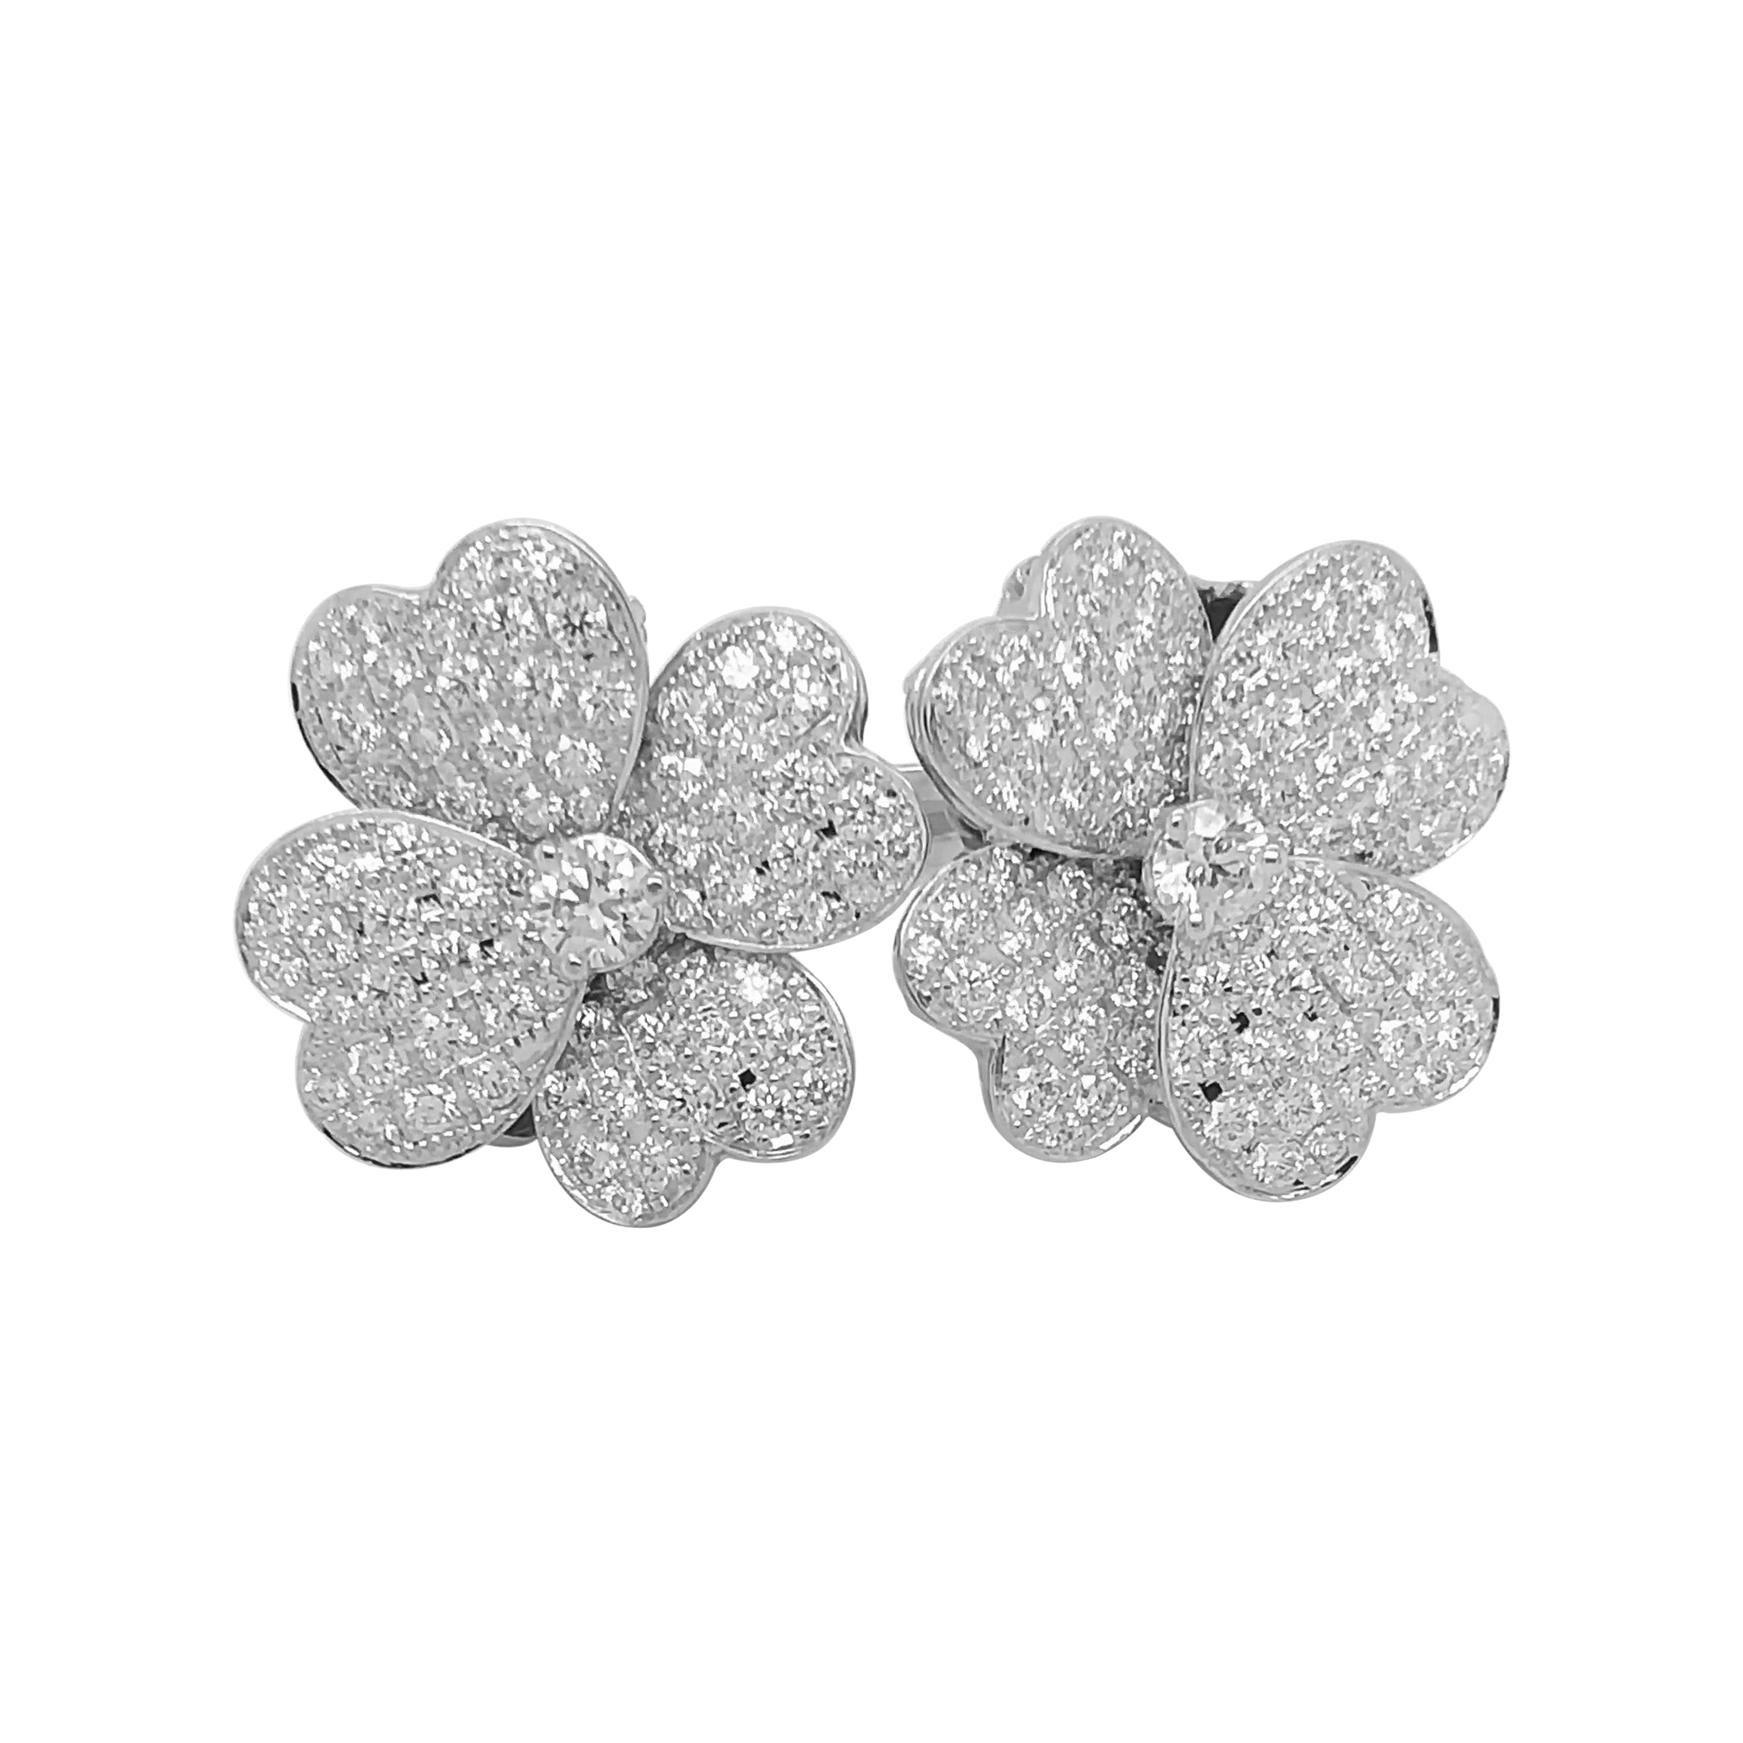 """Diamond Clover """"Between Finger"""" Ring, Set in 18k White Gold"""